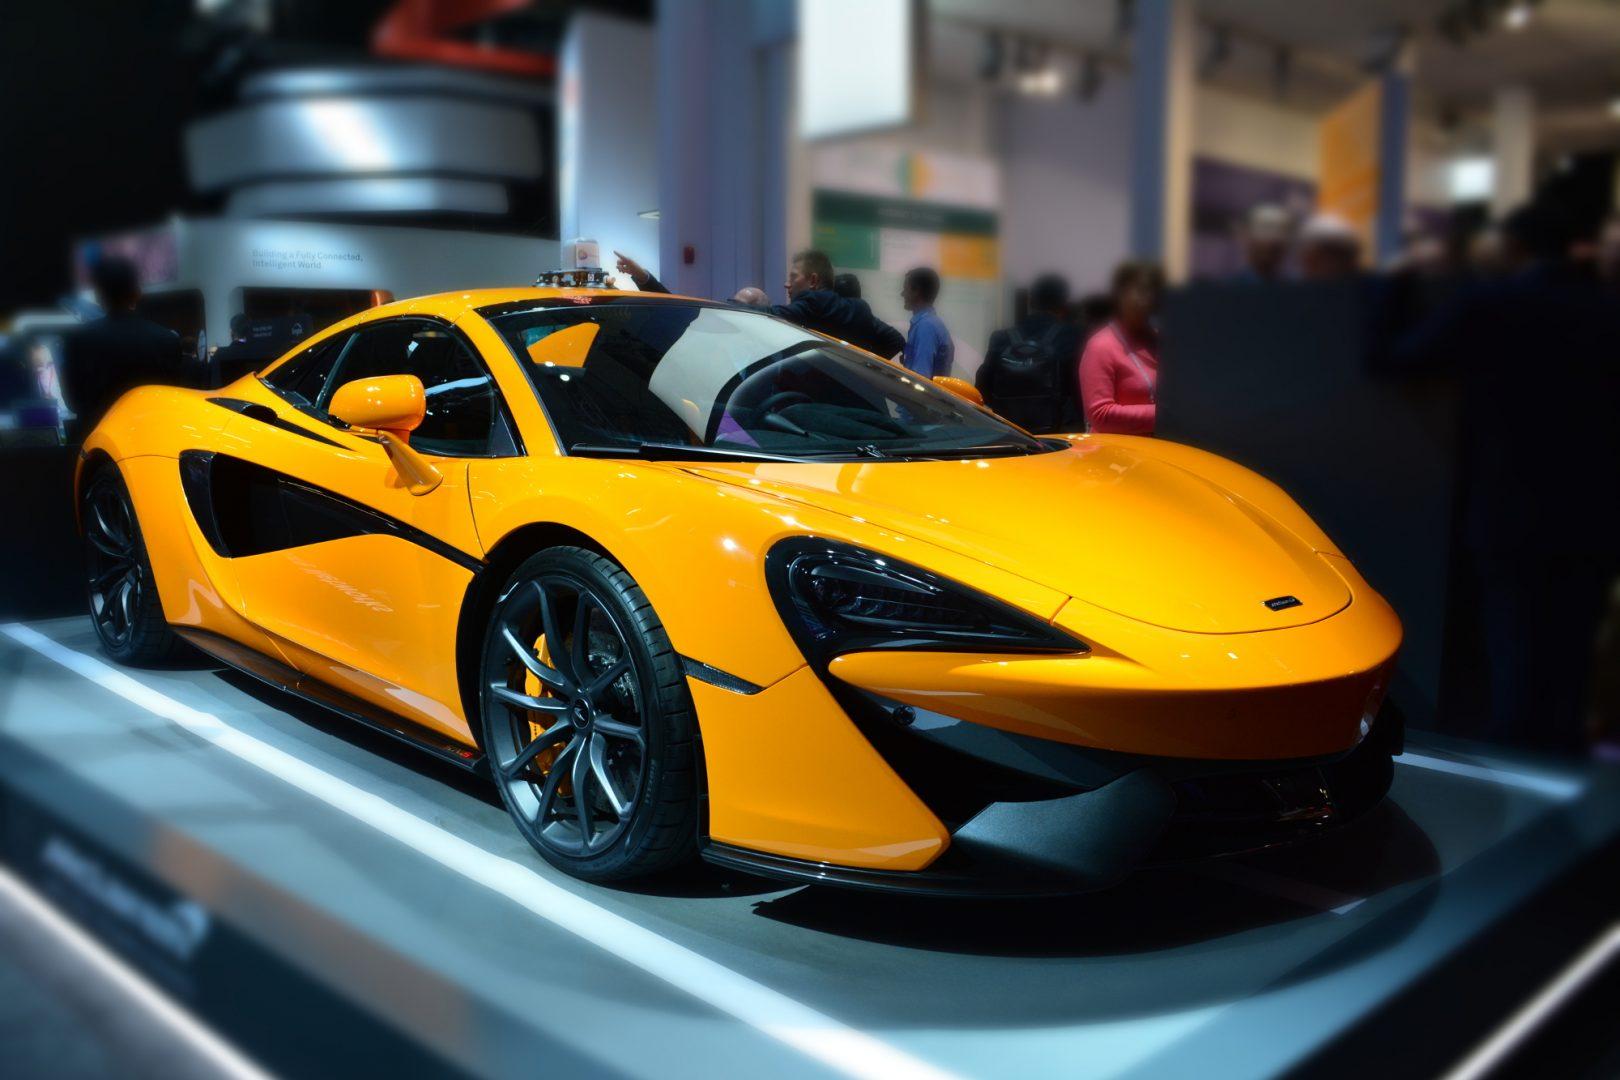 McLaren протяг ръка към 5G със специален прототип, в който хляди показатели ще се следят в реално време и ще информират за съсстояните на автомобила и отделните му елементи.